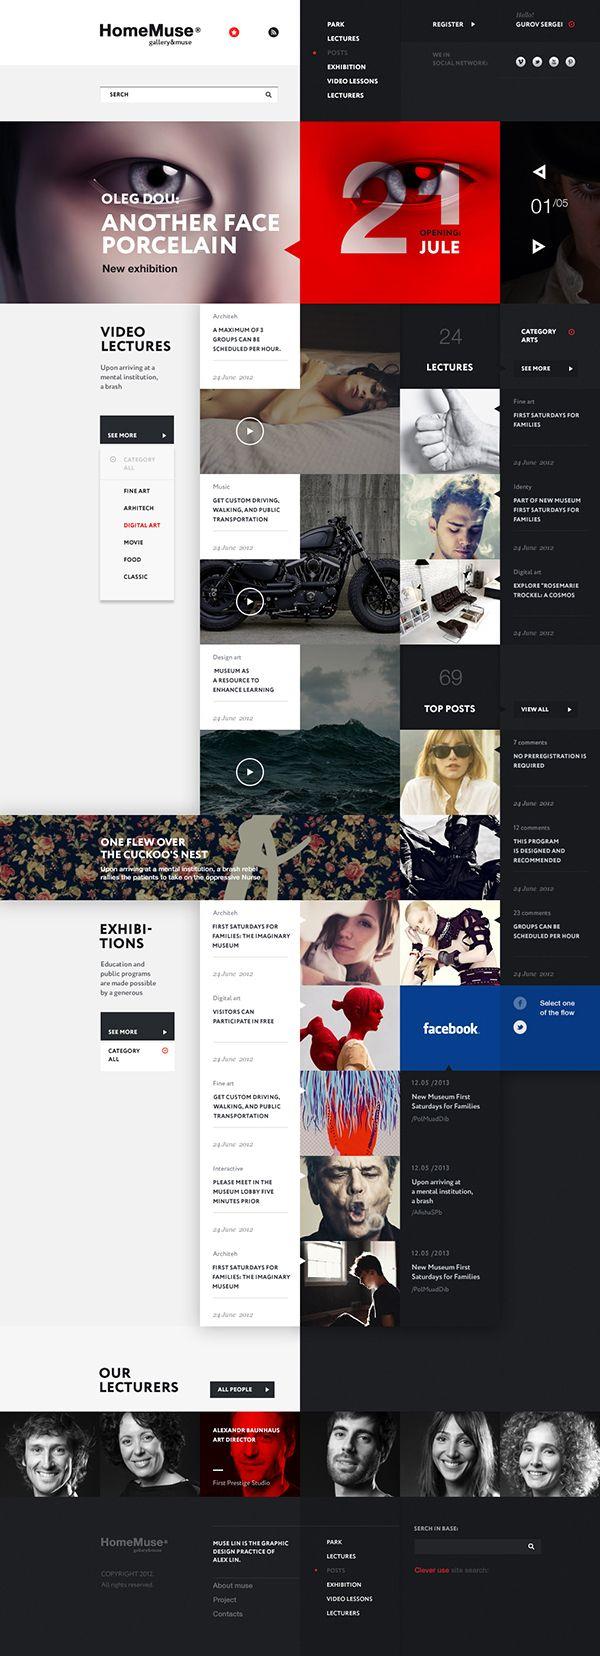 HomeMuse Gallery on Behance